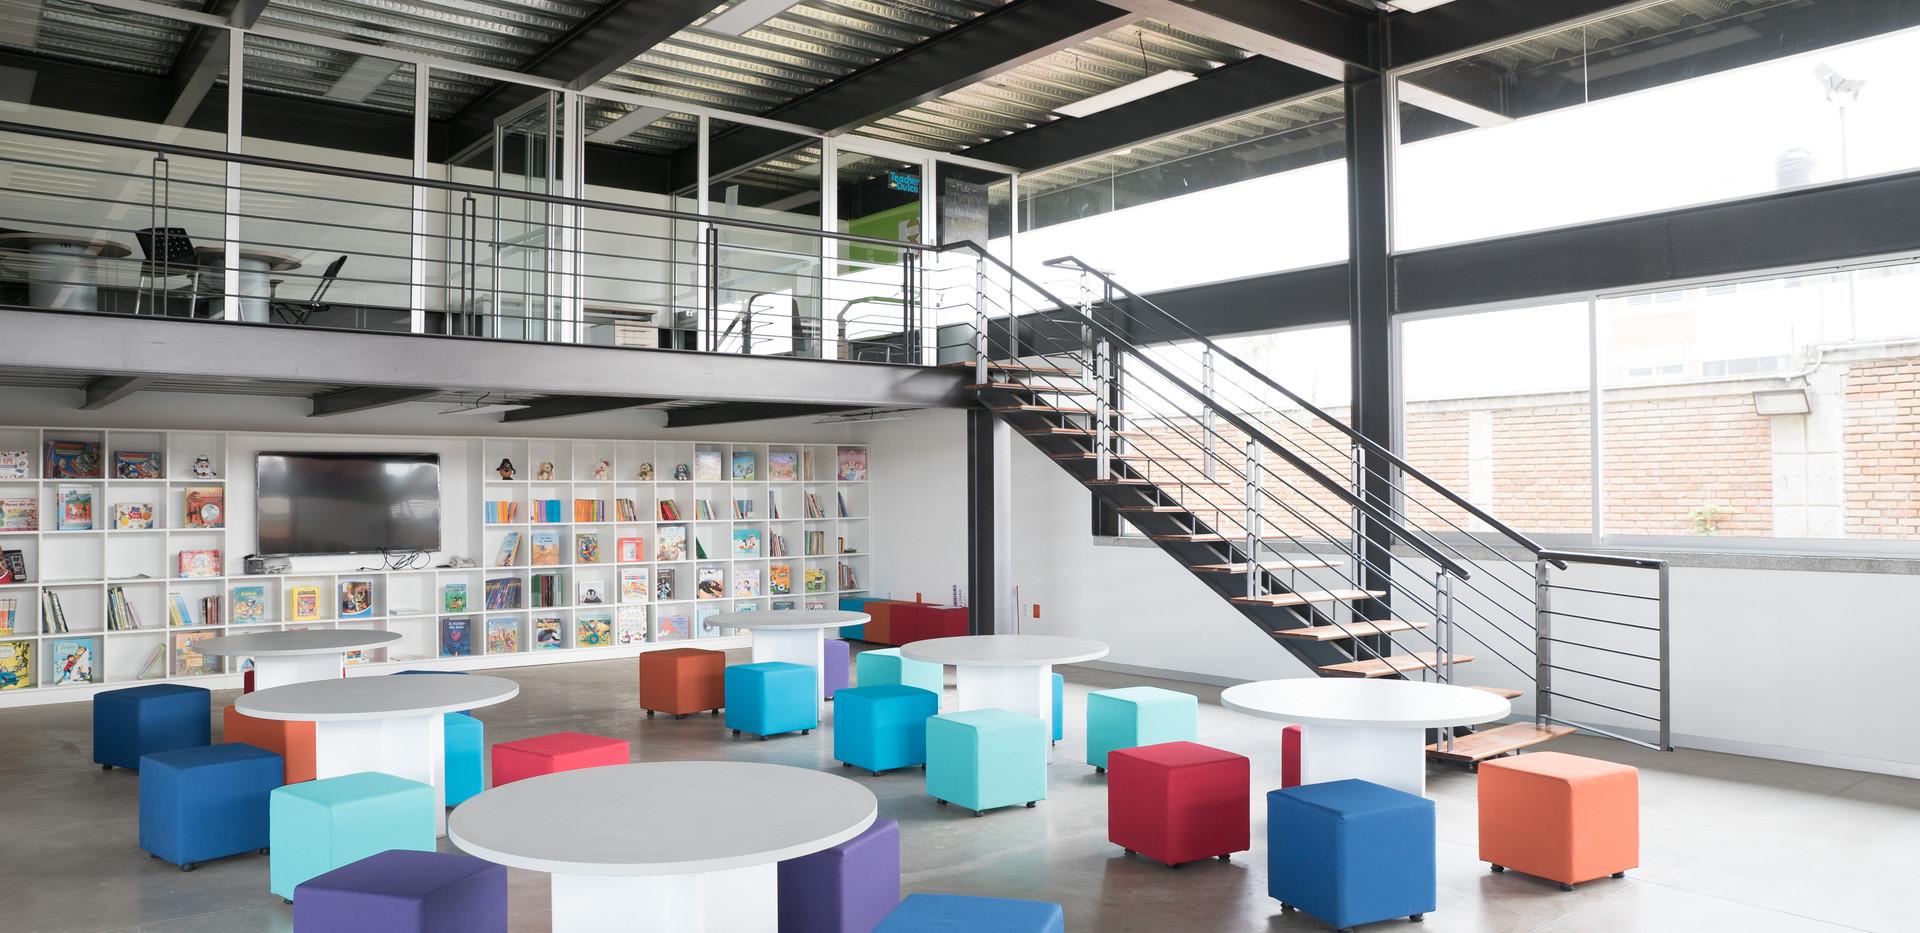 biblioteca-08346.jpg